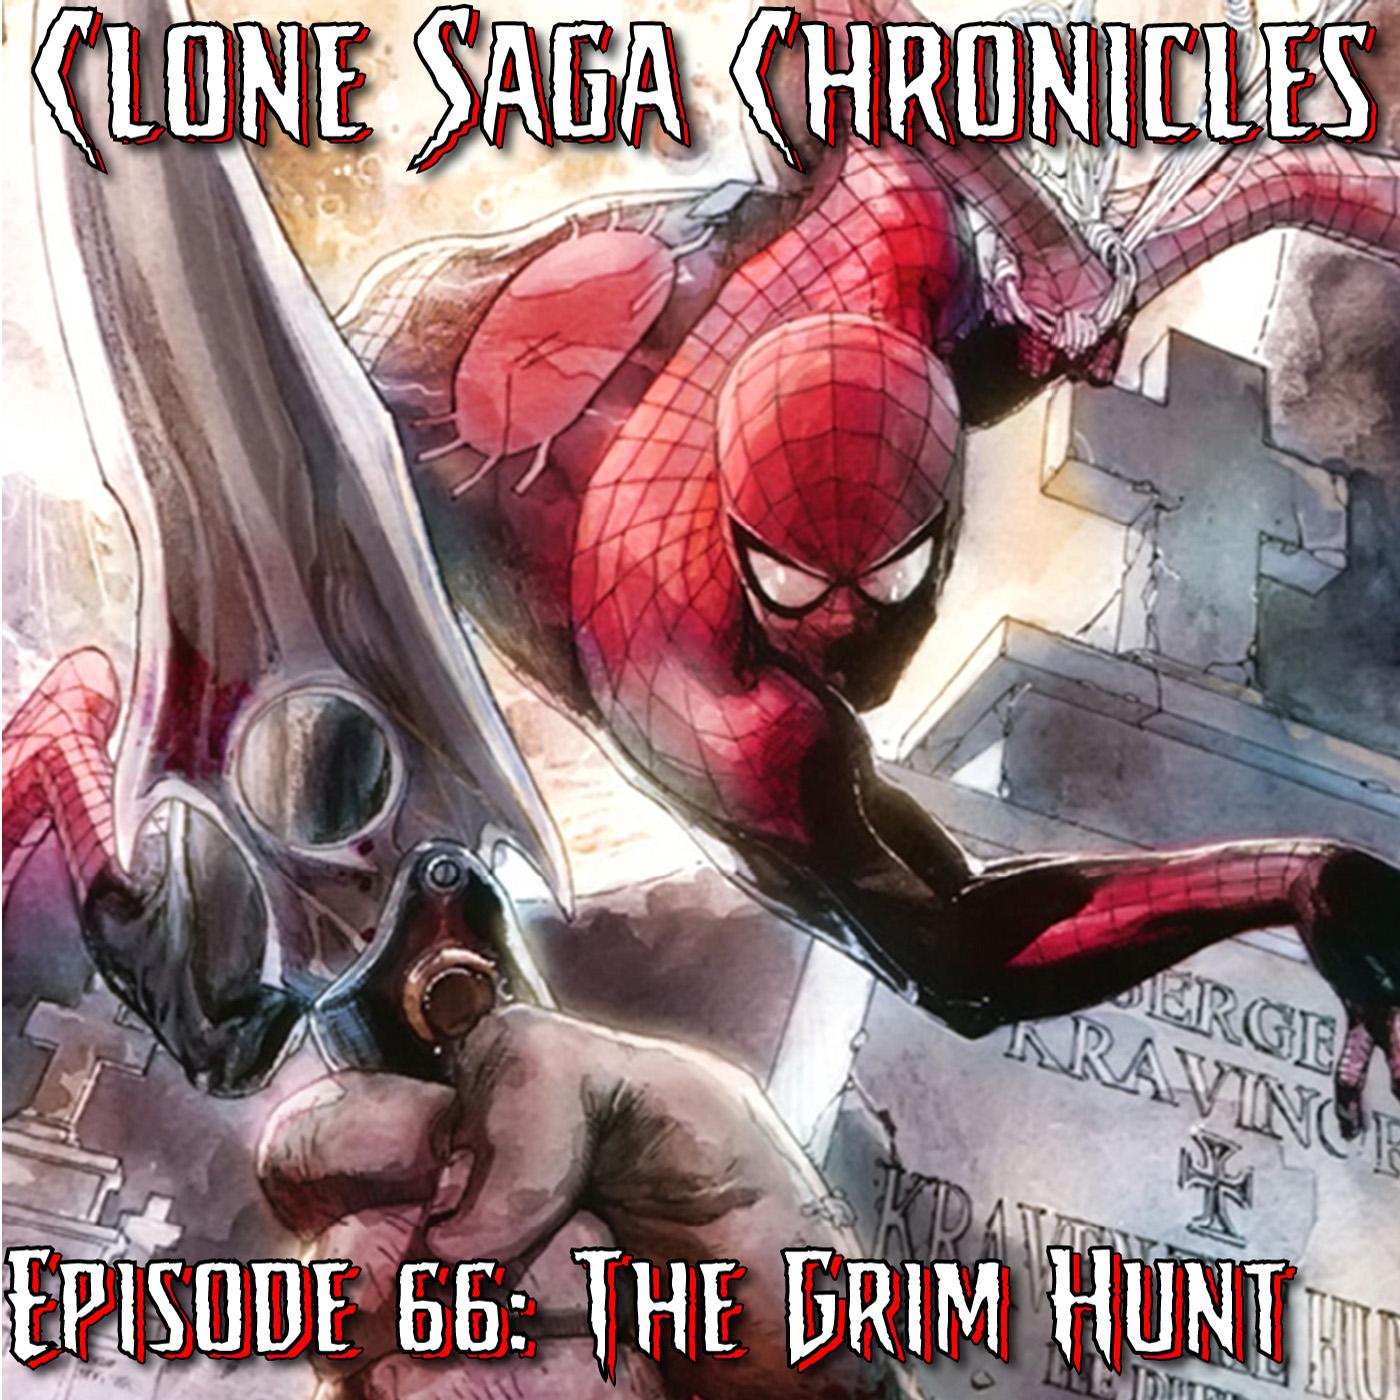 CSC Episode 66: The Grim Hunt